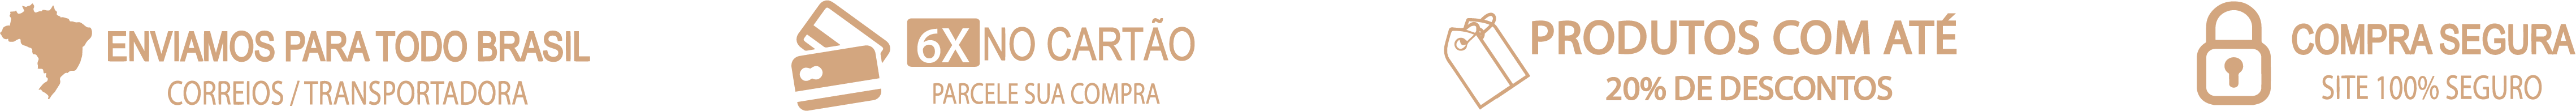 Banner_6x